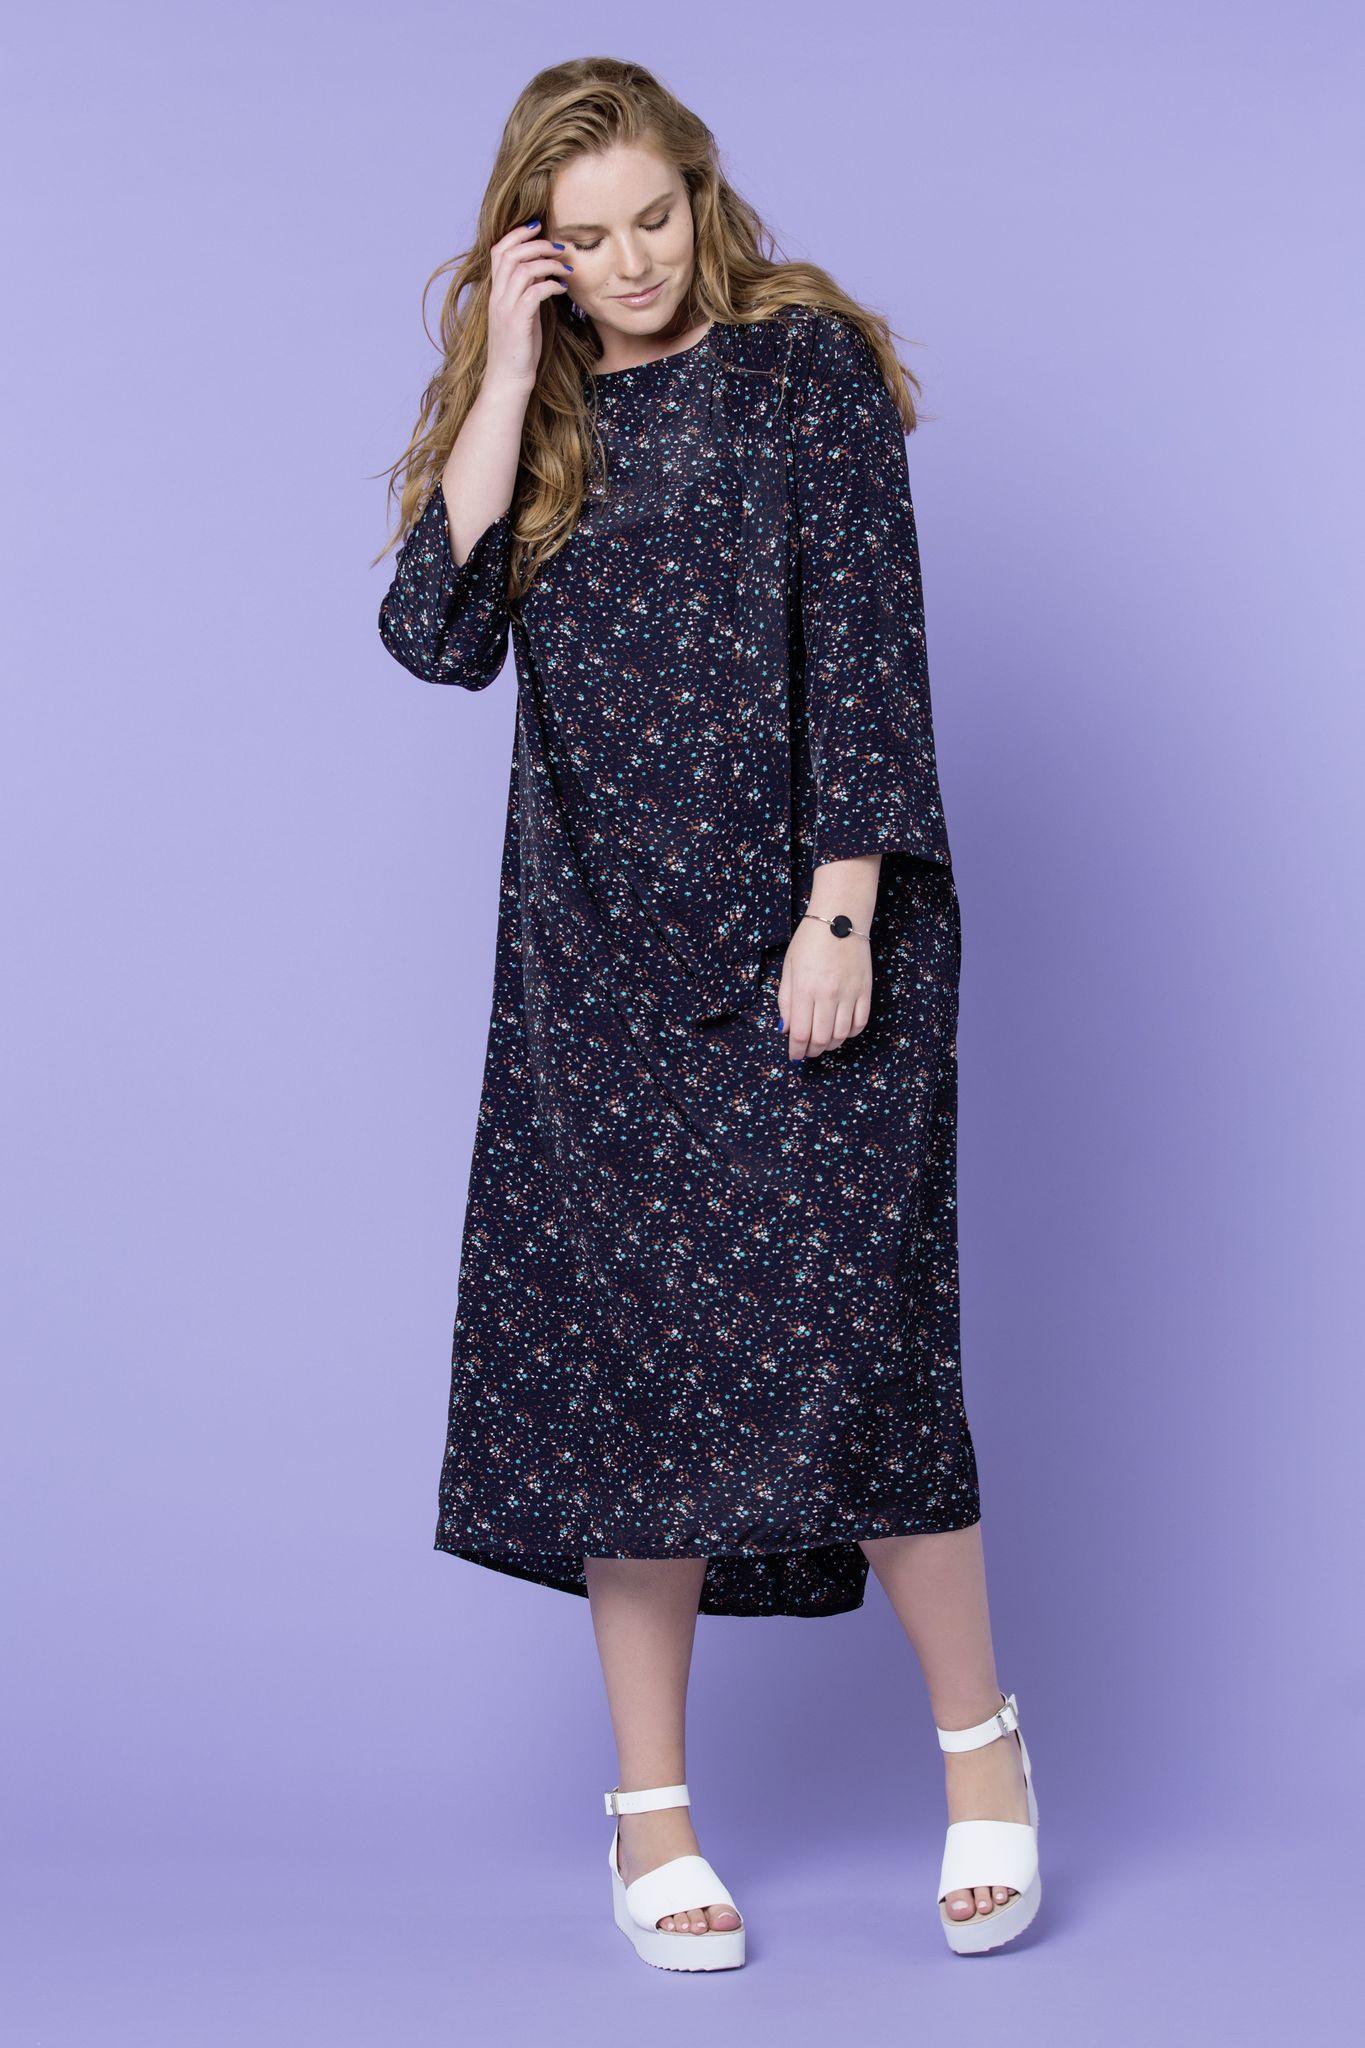 Платье LE-05 D06 95Платья<br>Удивительно воздушное и летящее платье с мелким цветочным принтом и завязкой по горловие, сделает ваш день ярким, а настроение - приподнятым. Особенности кроя придадут женственность фигуре, а ассиметричный низ - добавит изюминку образу. Карманы,рукав три-четверти и струящийся материал - делает платье удобным и легким. С кедами, балетками, лоферами и слипонами, удивительно комфортная вещь, пропитанная духом настоящей свободы от предрассудков и истинной женственности. Рост модели на фото 179 см, размер - 54 российский.<br>